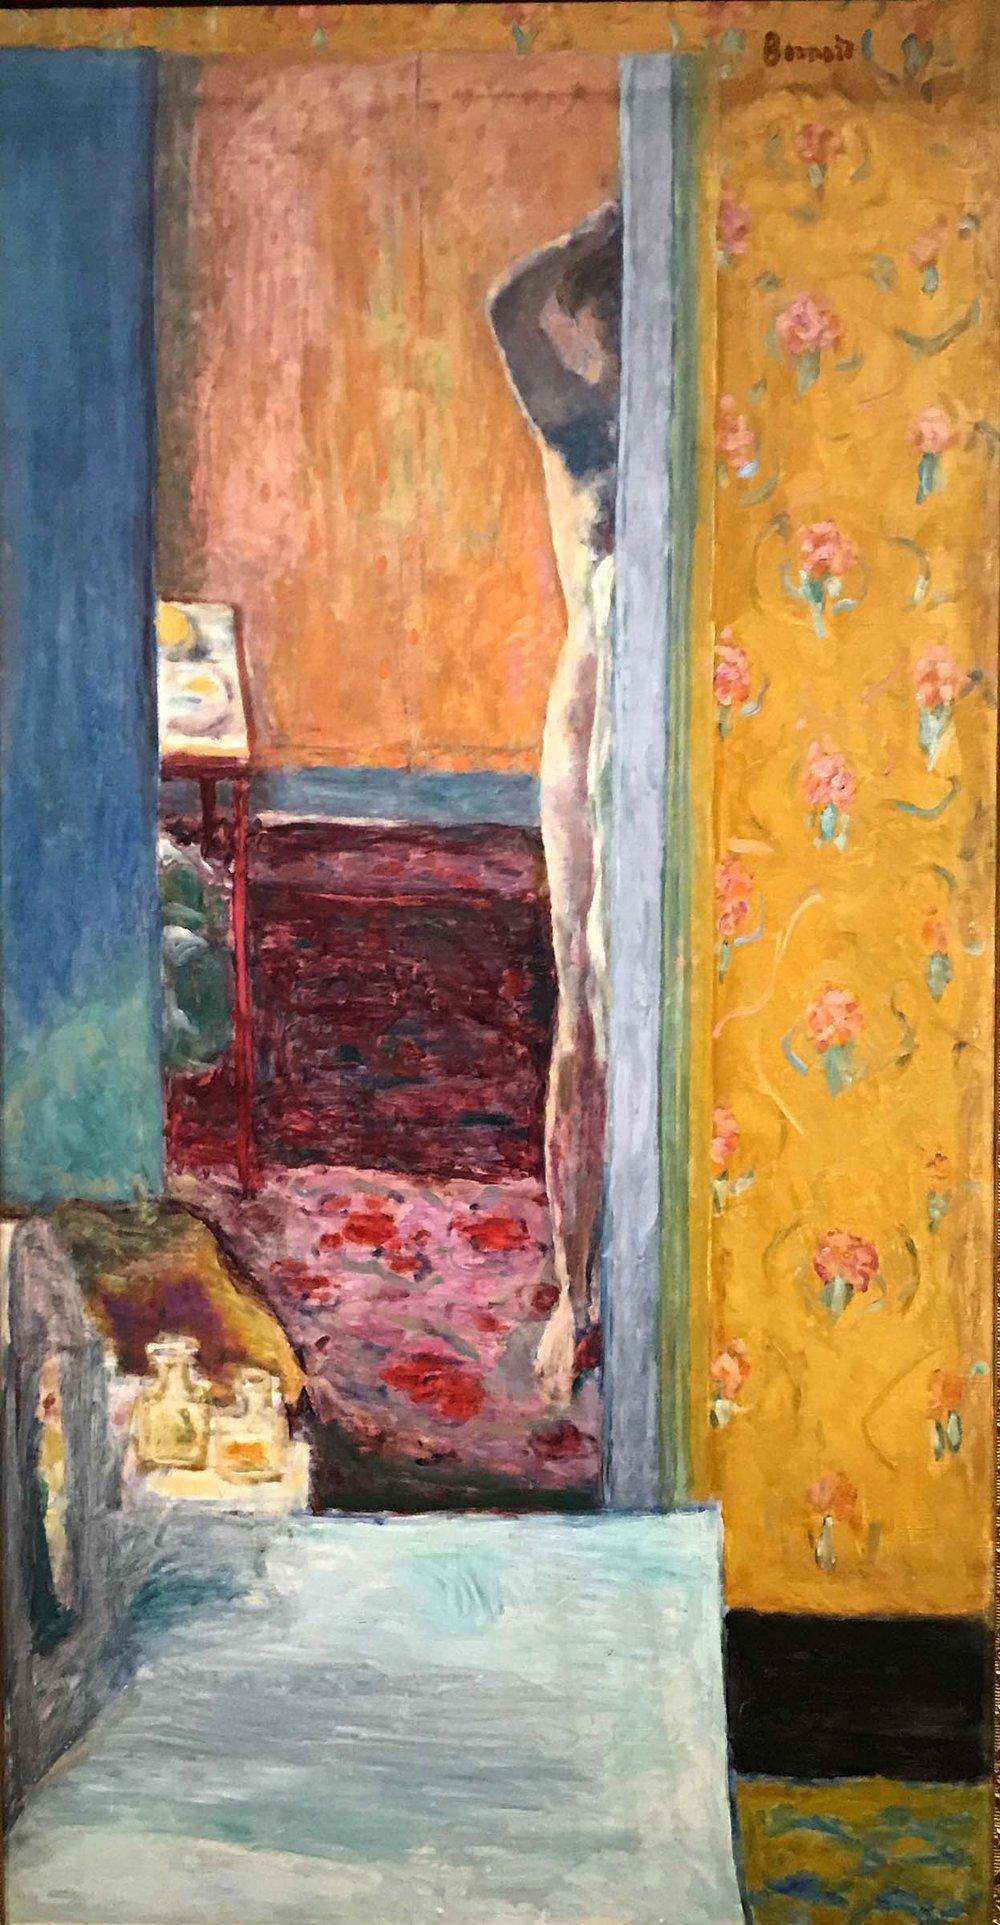 SITE-Bonnard in National Gallery.jpg